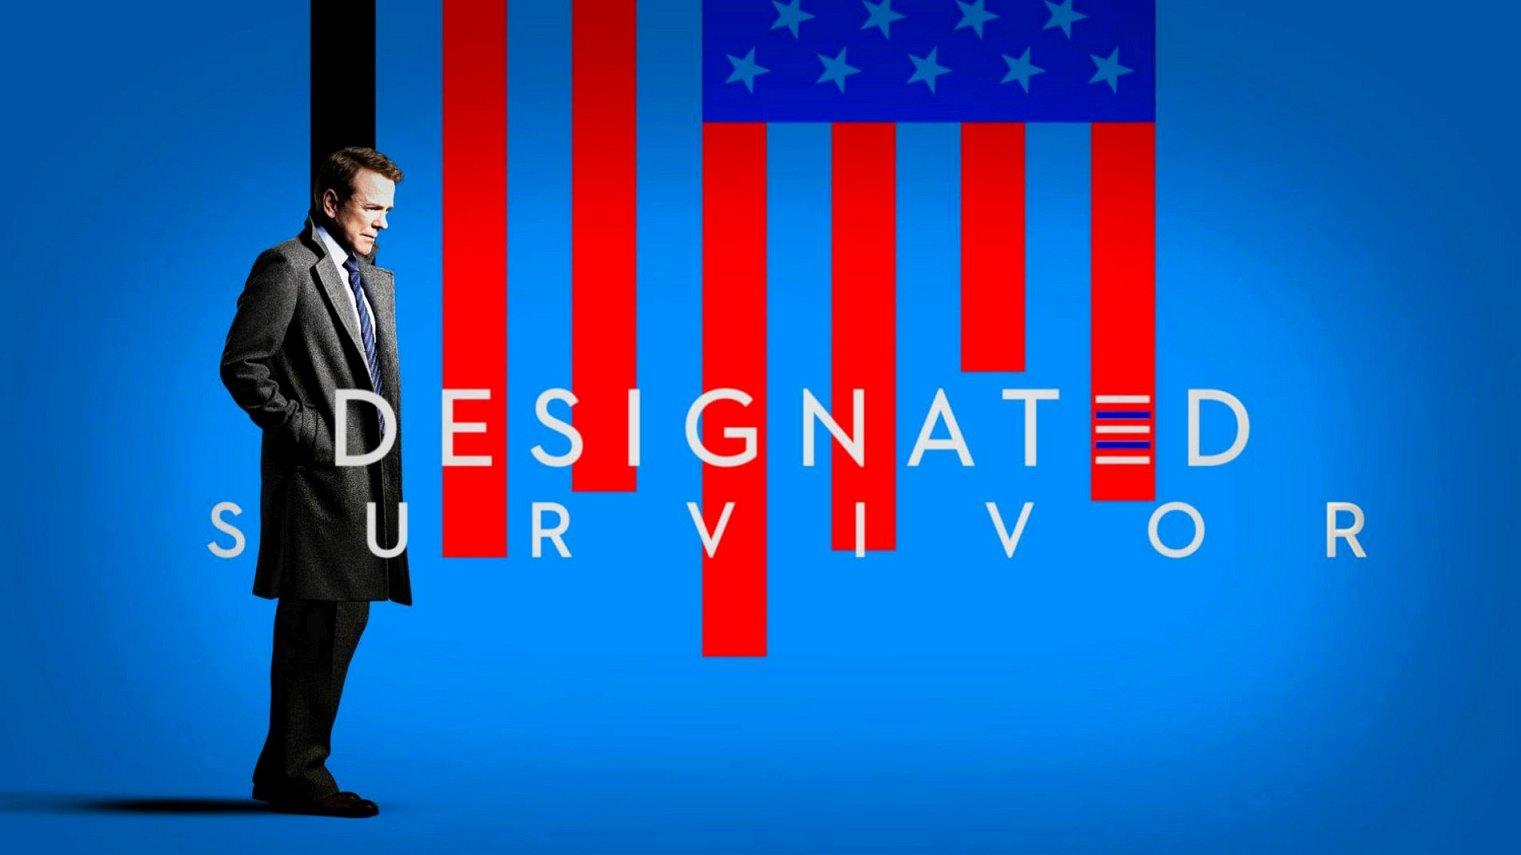 Designated Survivor season 2 episode 9 watch online